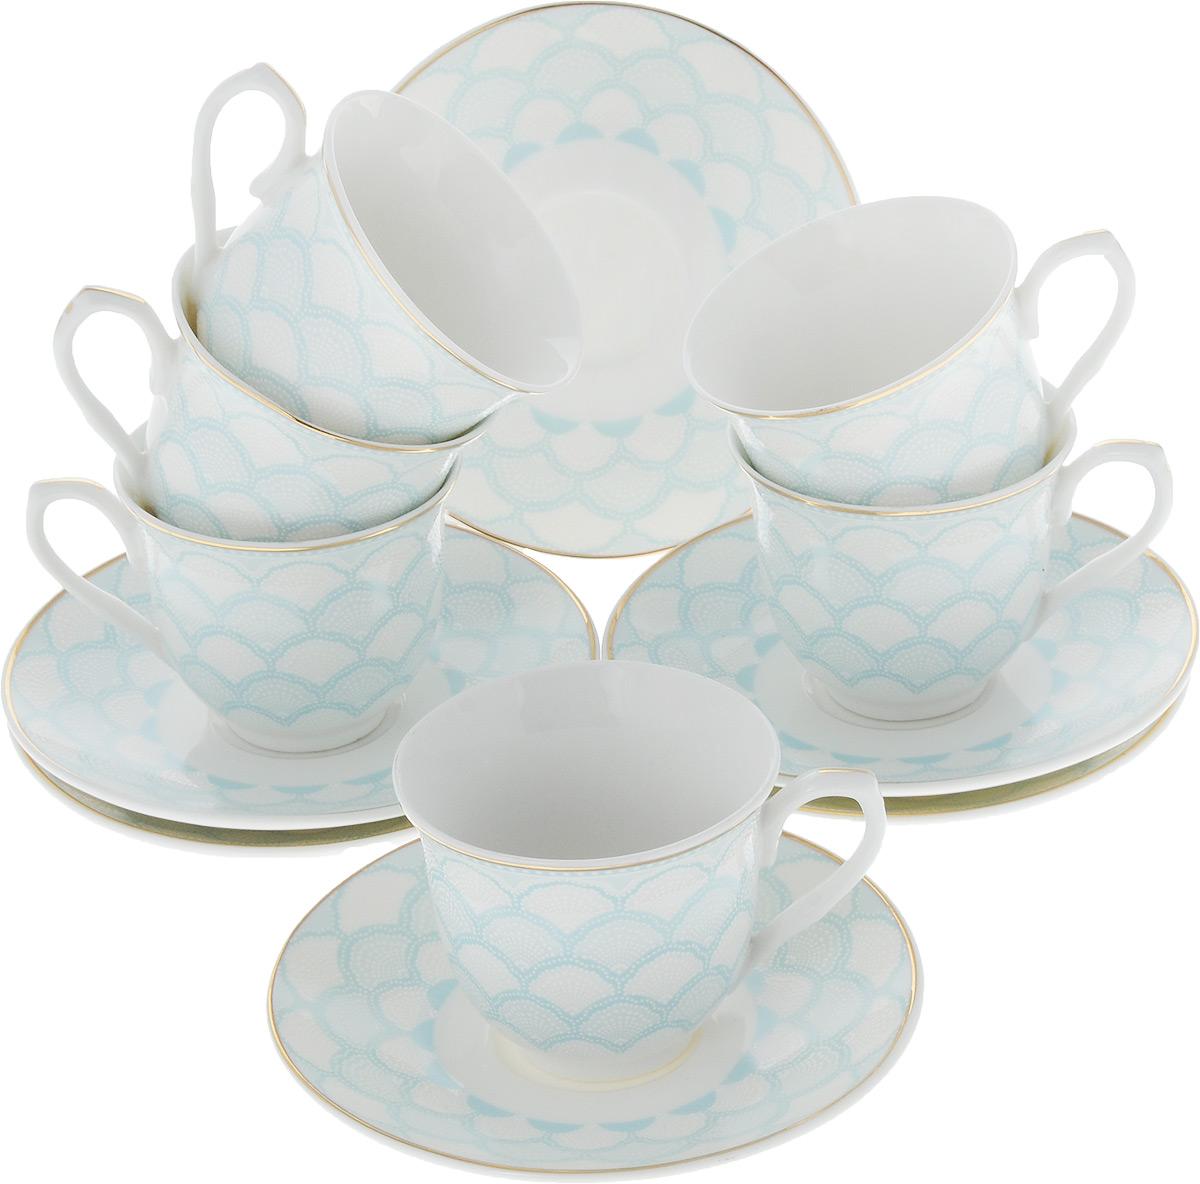 Кофейный сервиз Loraine, 80 мл, цвет: белый, голубой, 12 предметовVT-1520(SR)Кофейный набор на 6 персон Loraine выполнен из высококачественного костяного фарфора - материала безопасного для здоровья и надолго сохраняющего тепло напитка.Несмотря на свою внешнюю хрупкость, каждый из предметов набора обладает высокой прочностью и надежностью. Элегантный классический дизайн с тонкой золотой каймой делает этот кофейный набор прекрасным украшением любого стола. Набор аккуратно упакован в подарочную упаковку, поэтому его можно преподнести в качестве оригинального и практичного подарка для своих родных и самых близких. В наборе: 6 кофейных чашек, 6 блюдец. Подходит для мытья в посудомоечной машине.